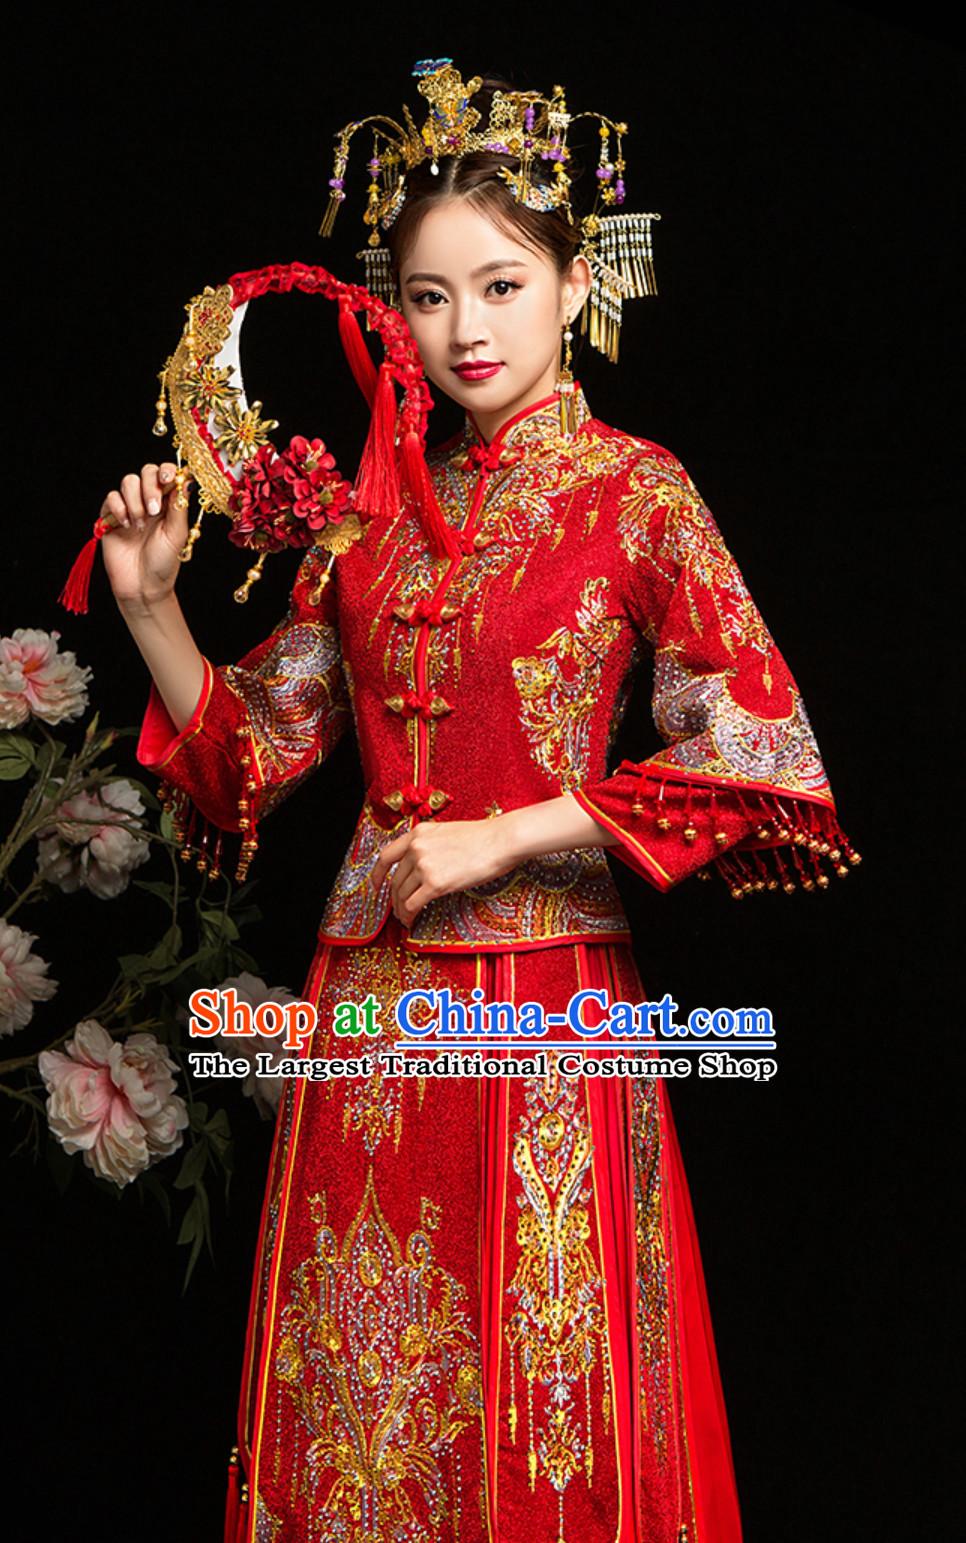 china girls dating